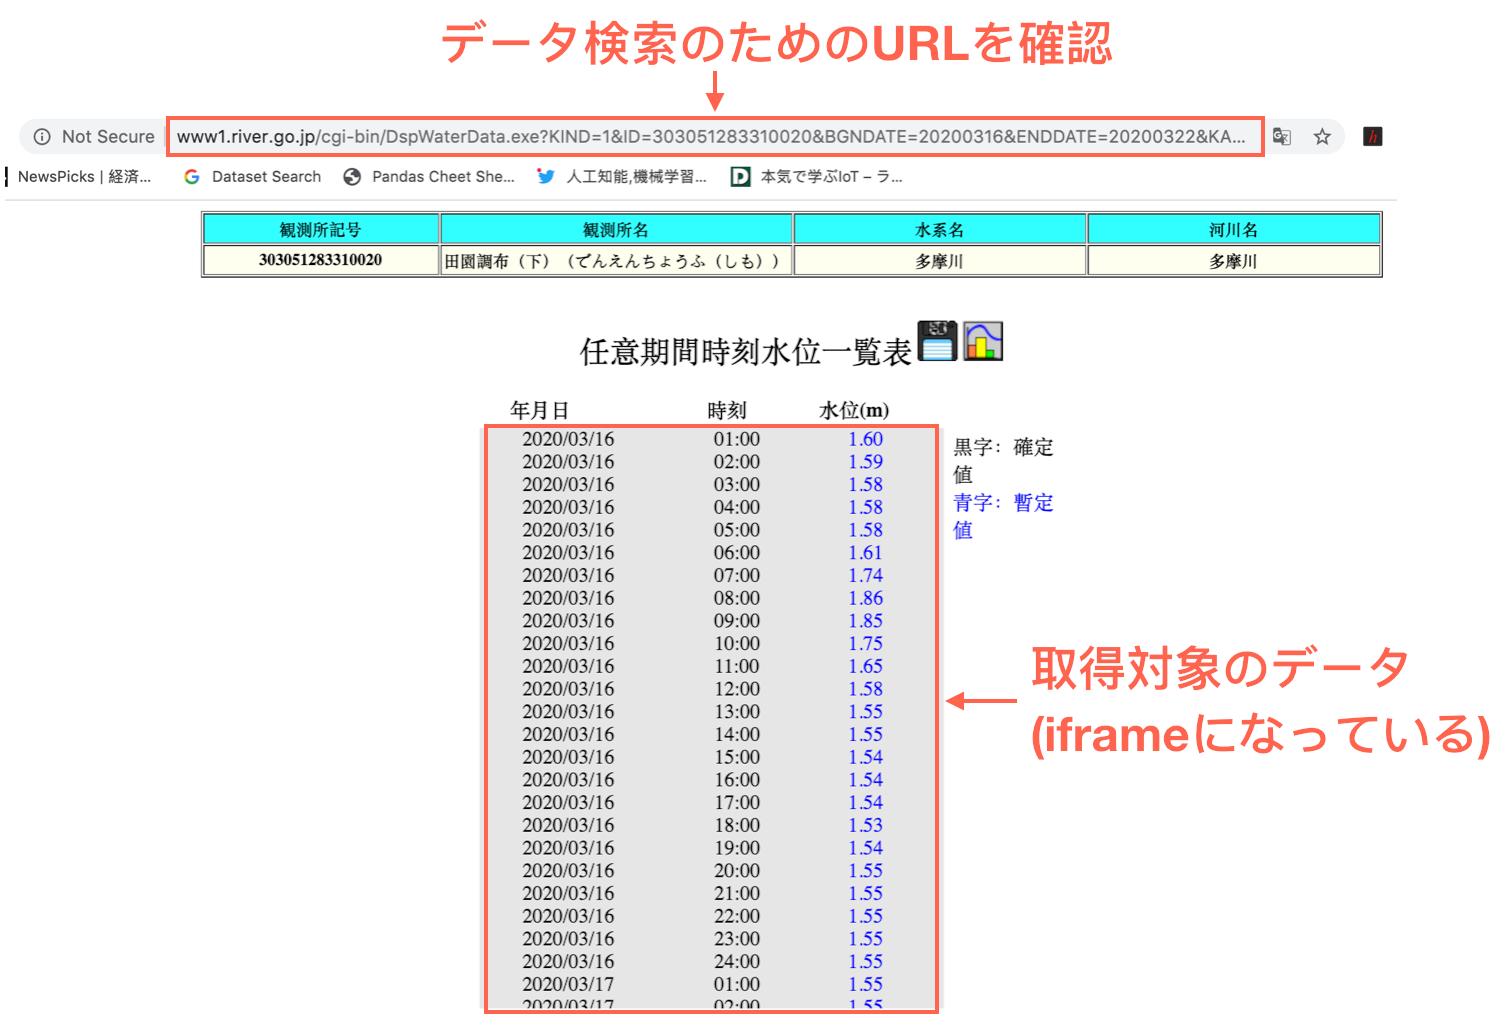 Screen Shot 2020-03-22 at 21.09.59.png